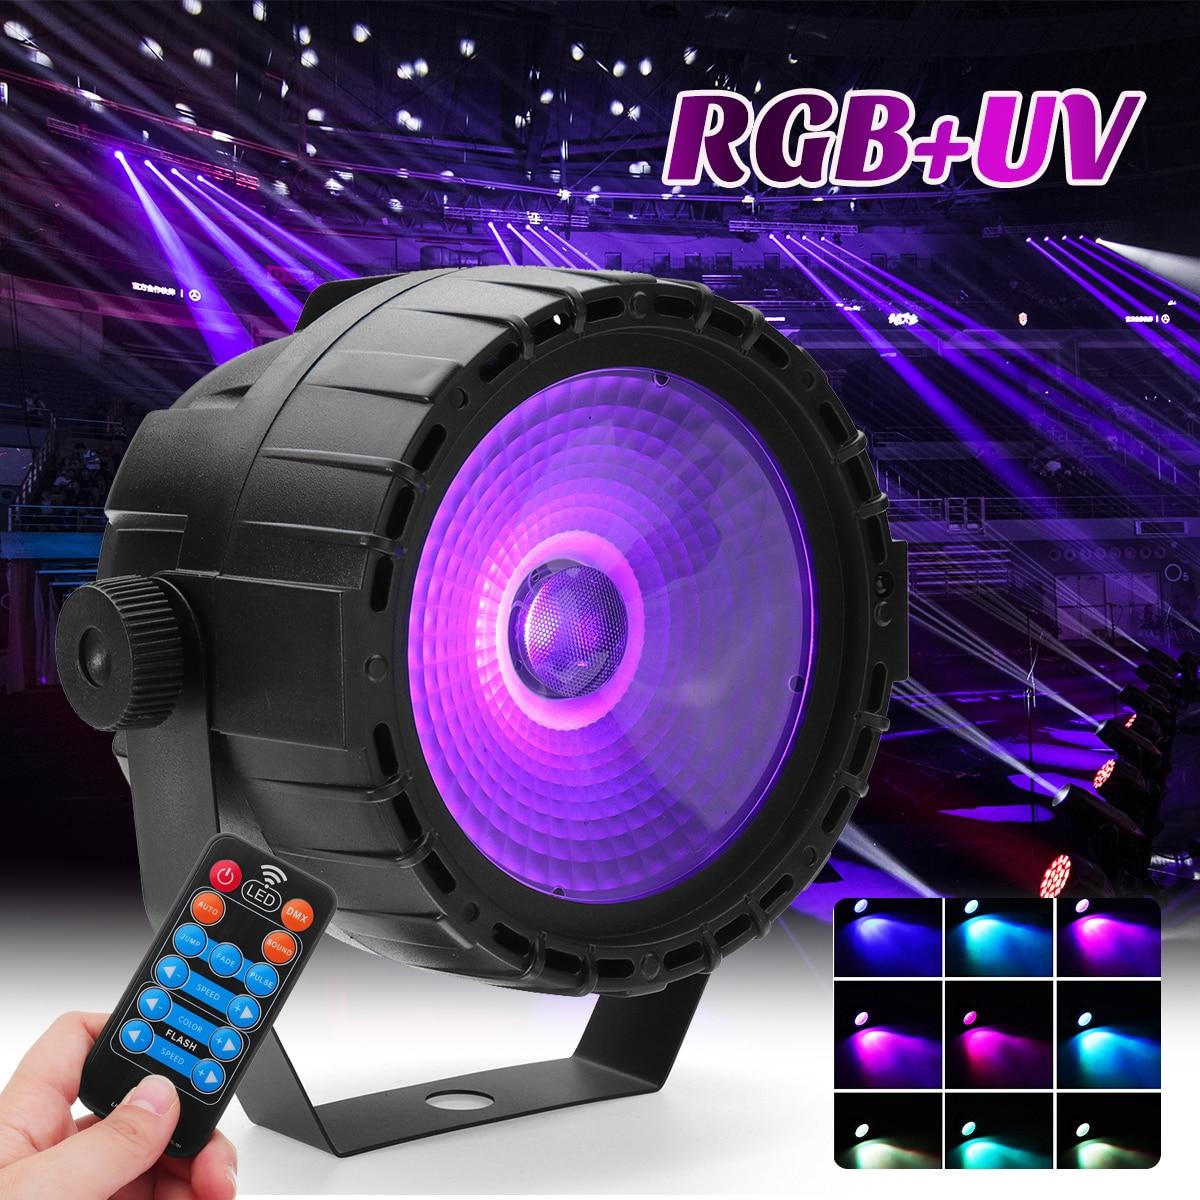 30W lumière LED télécommande RGB + UV auto-propulser LED/commande vocale/DMX512 pour DJ Bar fête Bar église 90-240V US/Eu Plug